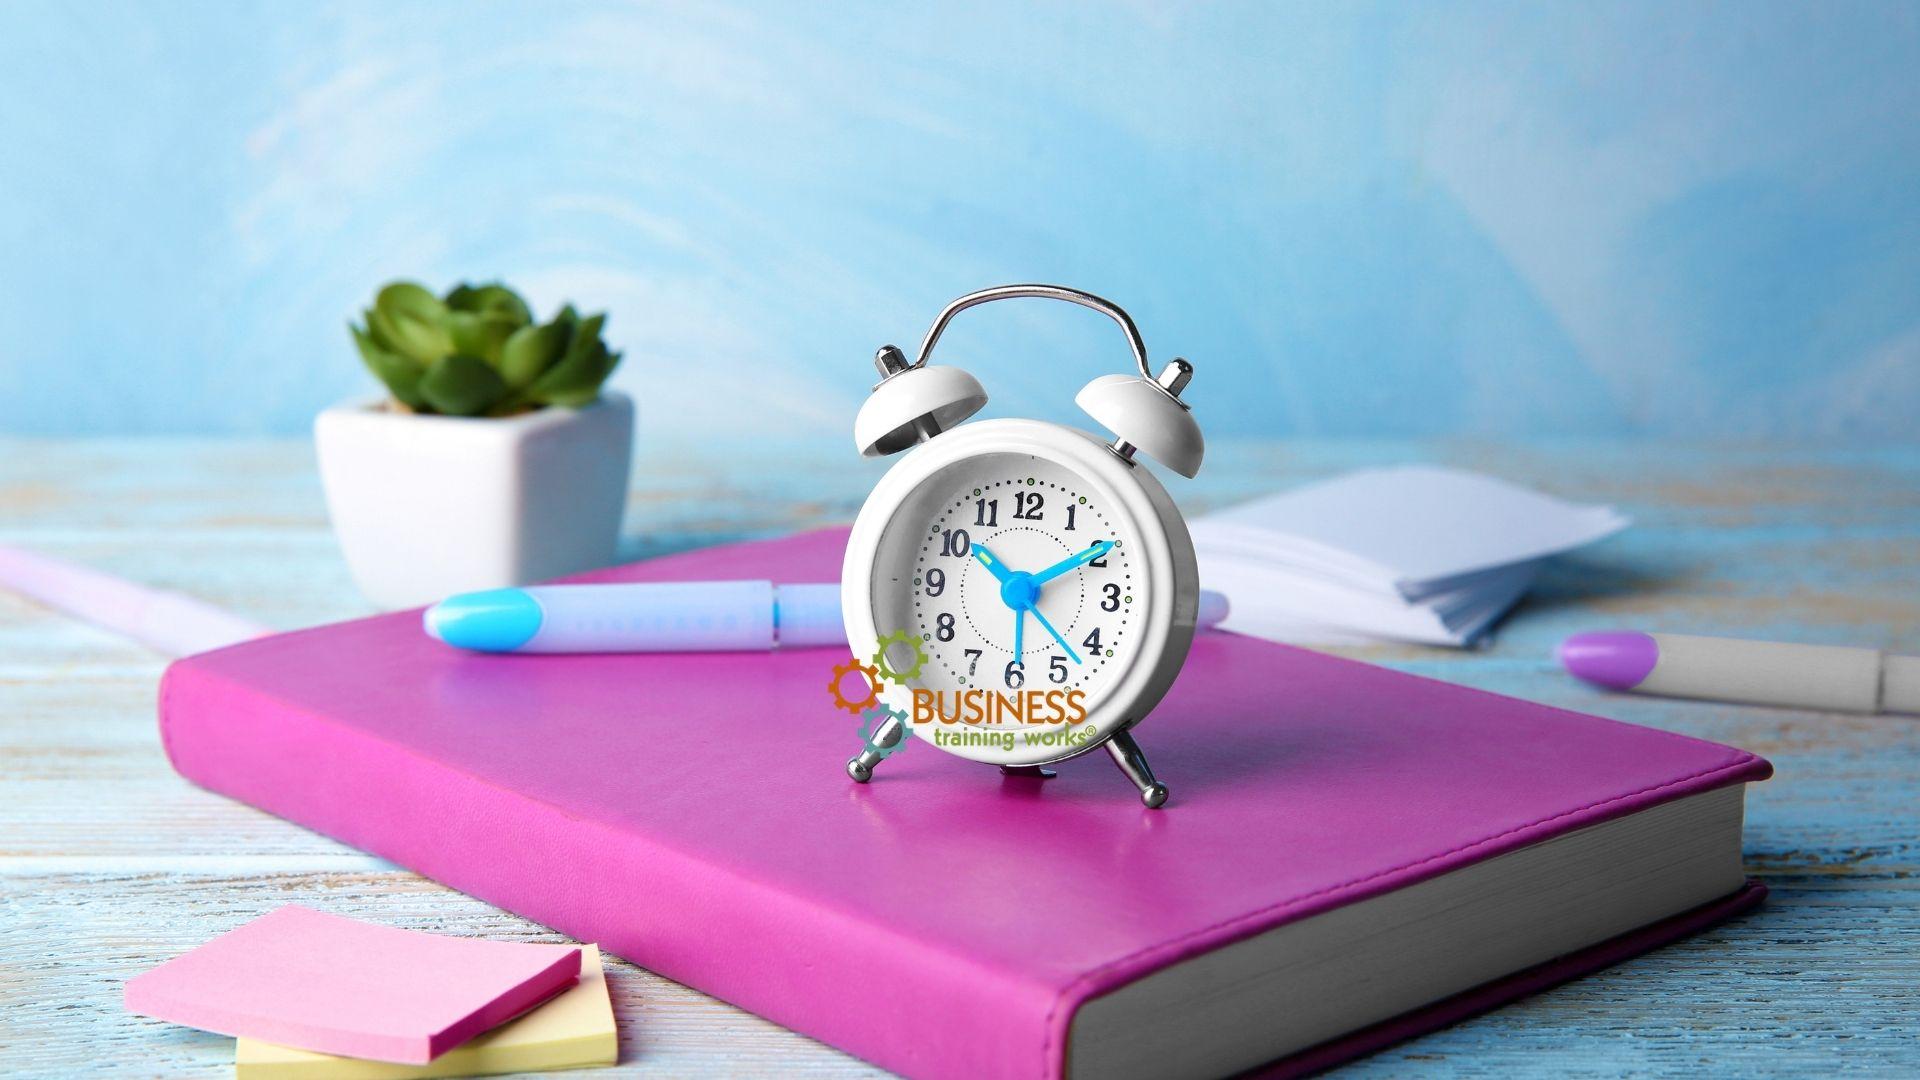 Web-Based Basic Time Management Course